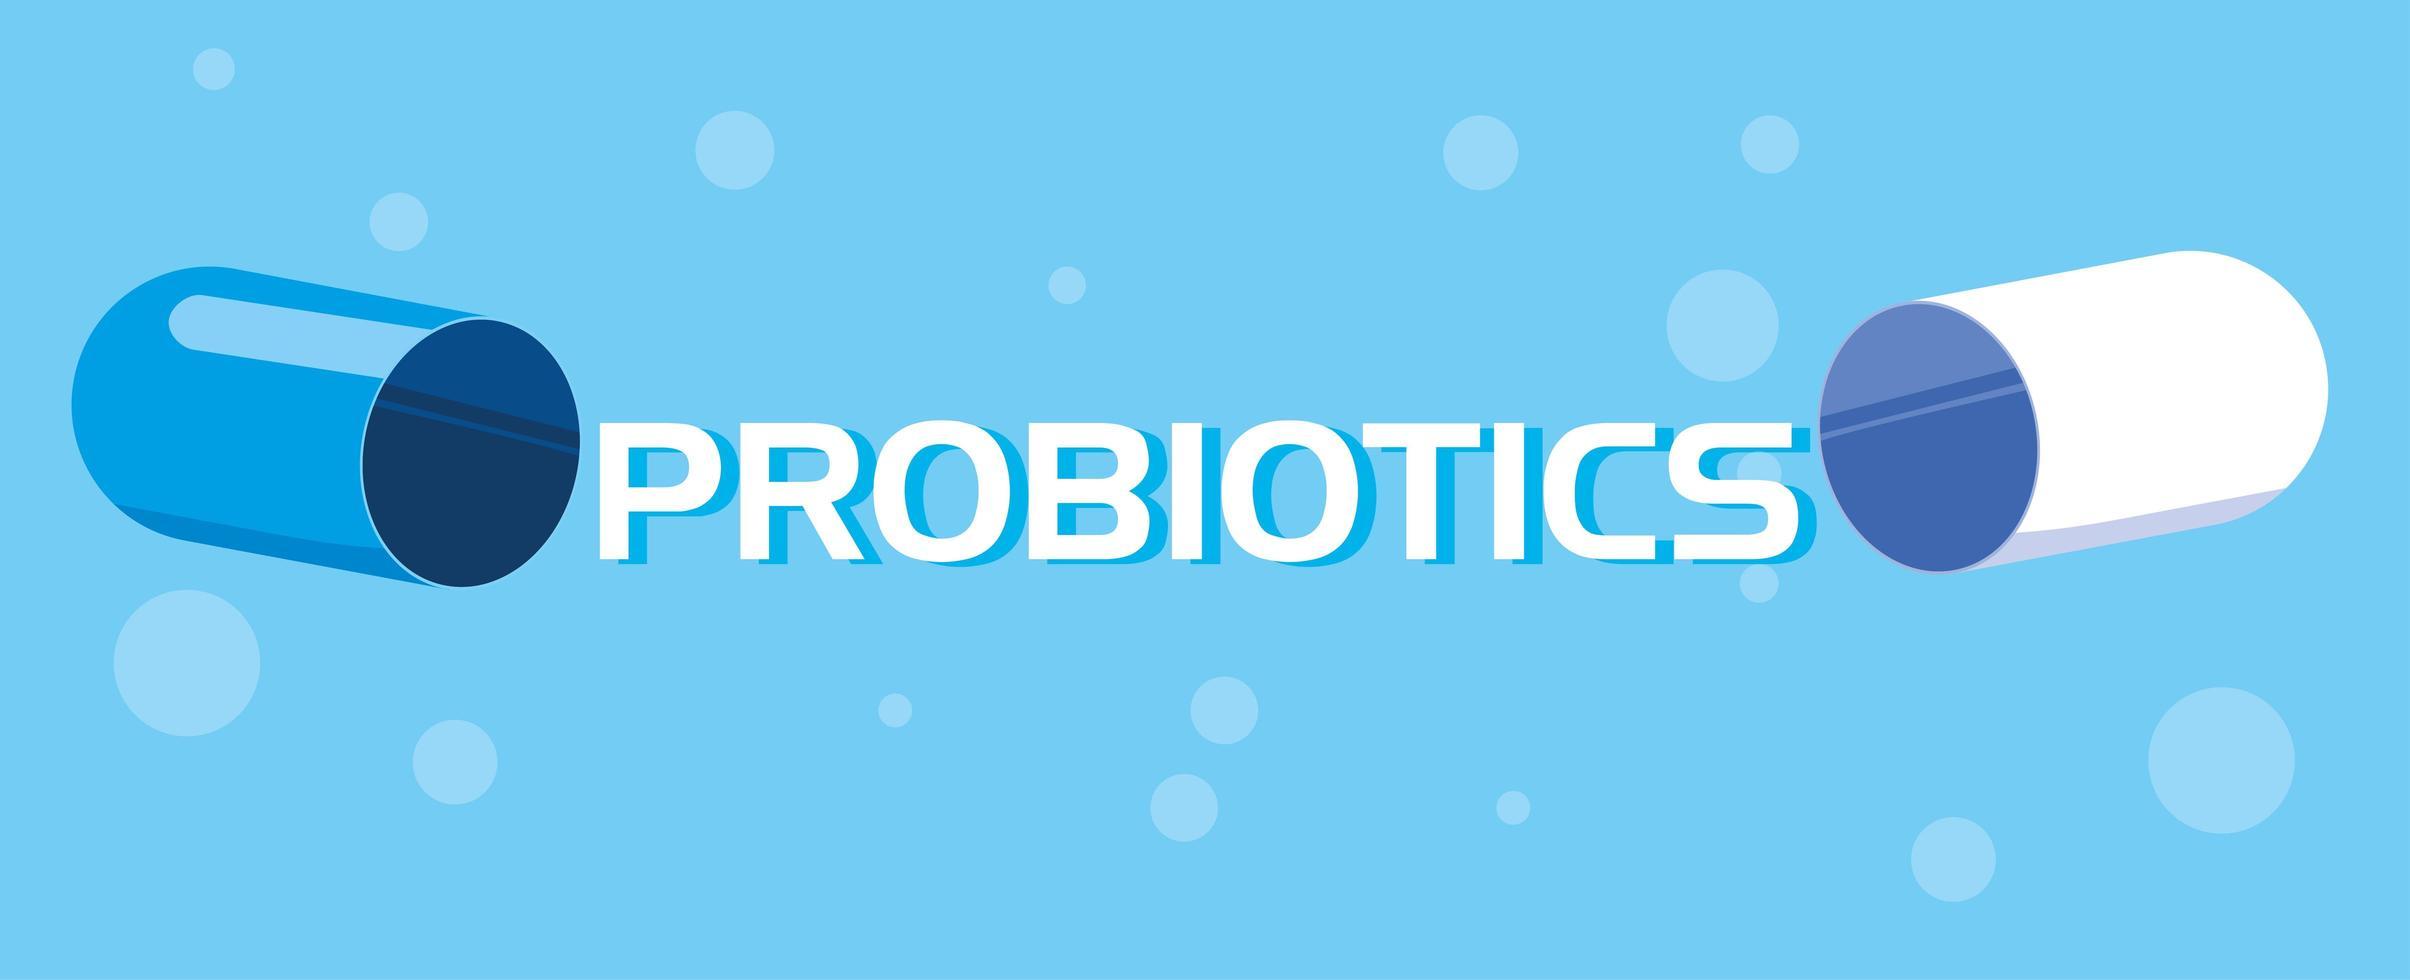 probiotische geneeskunde capsule pictogram vector